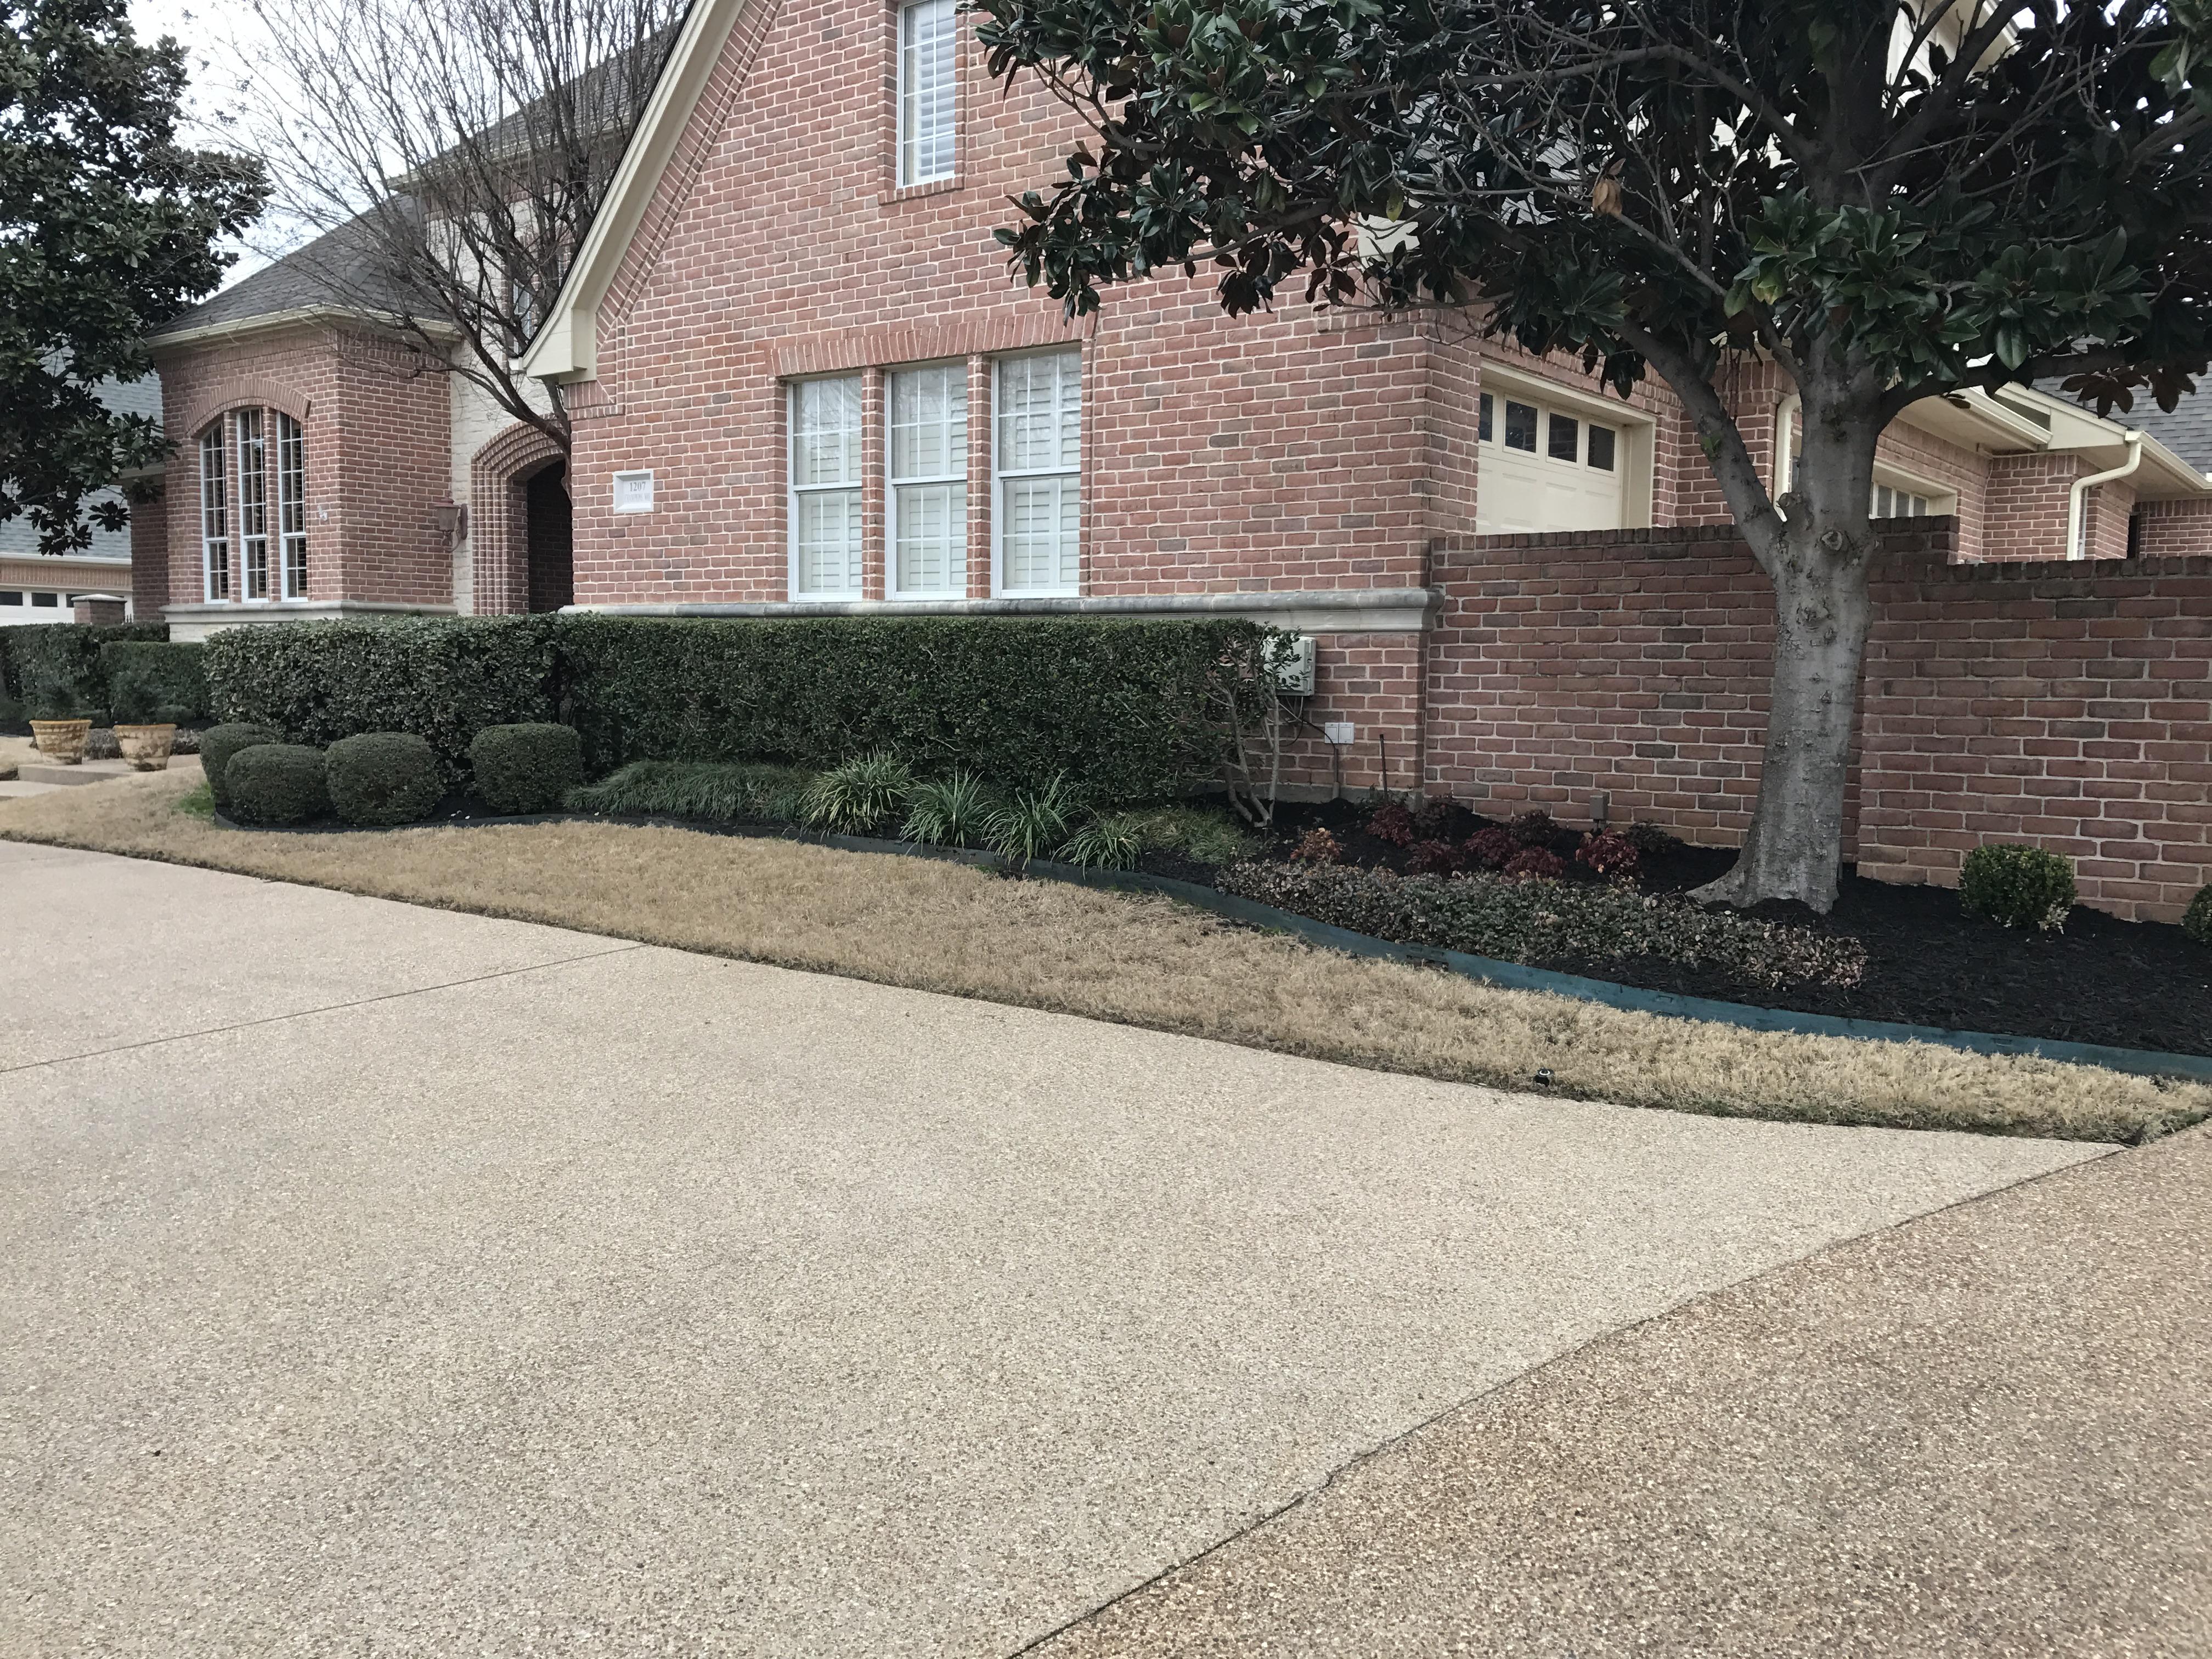 Lawn Care Service in Watauga, TX, 76148